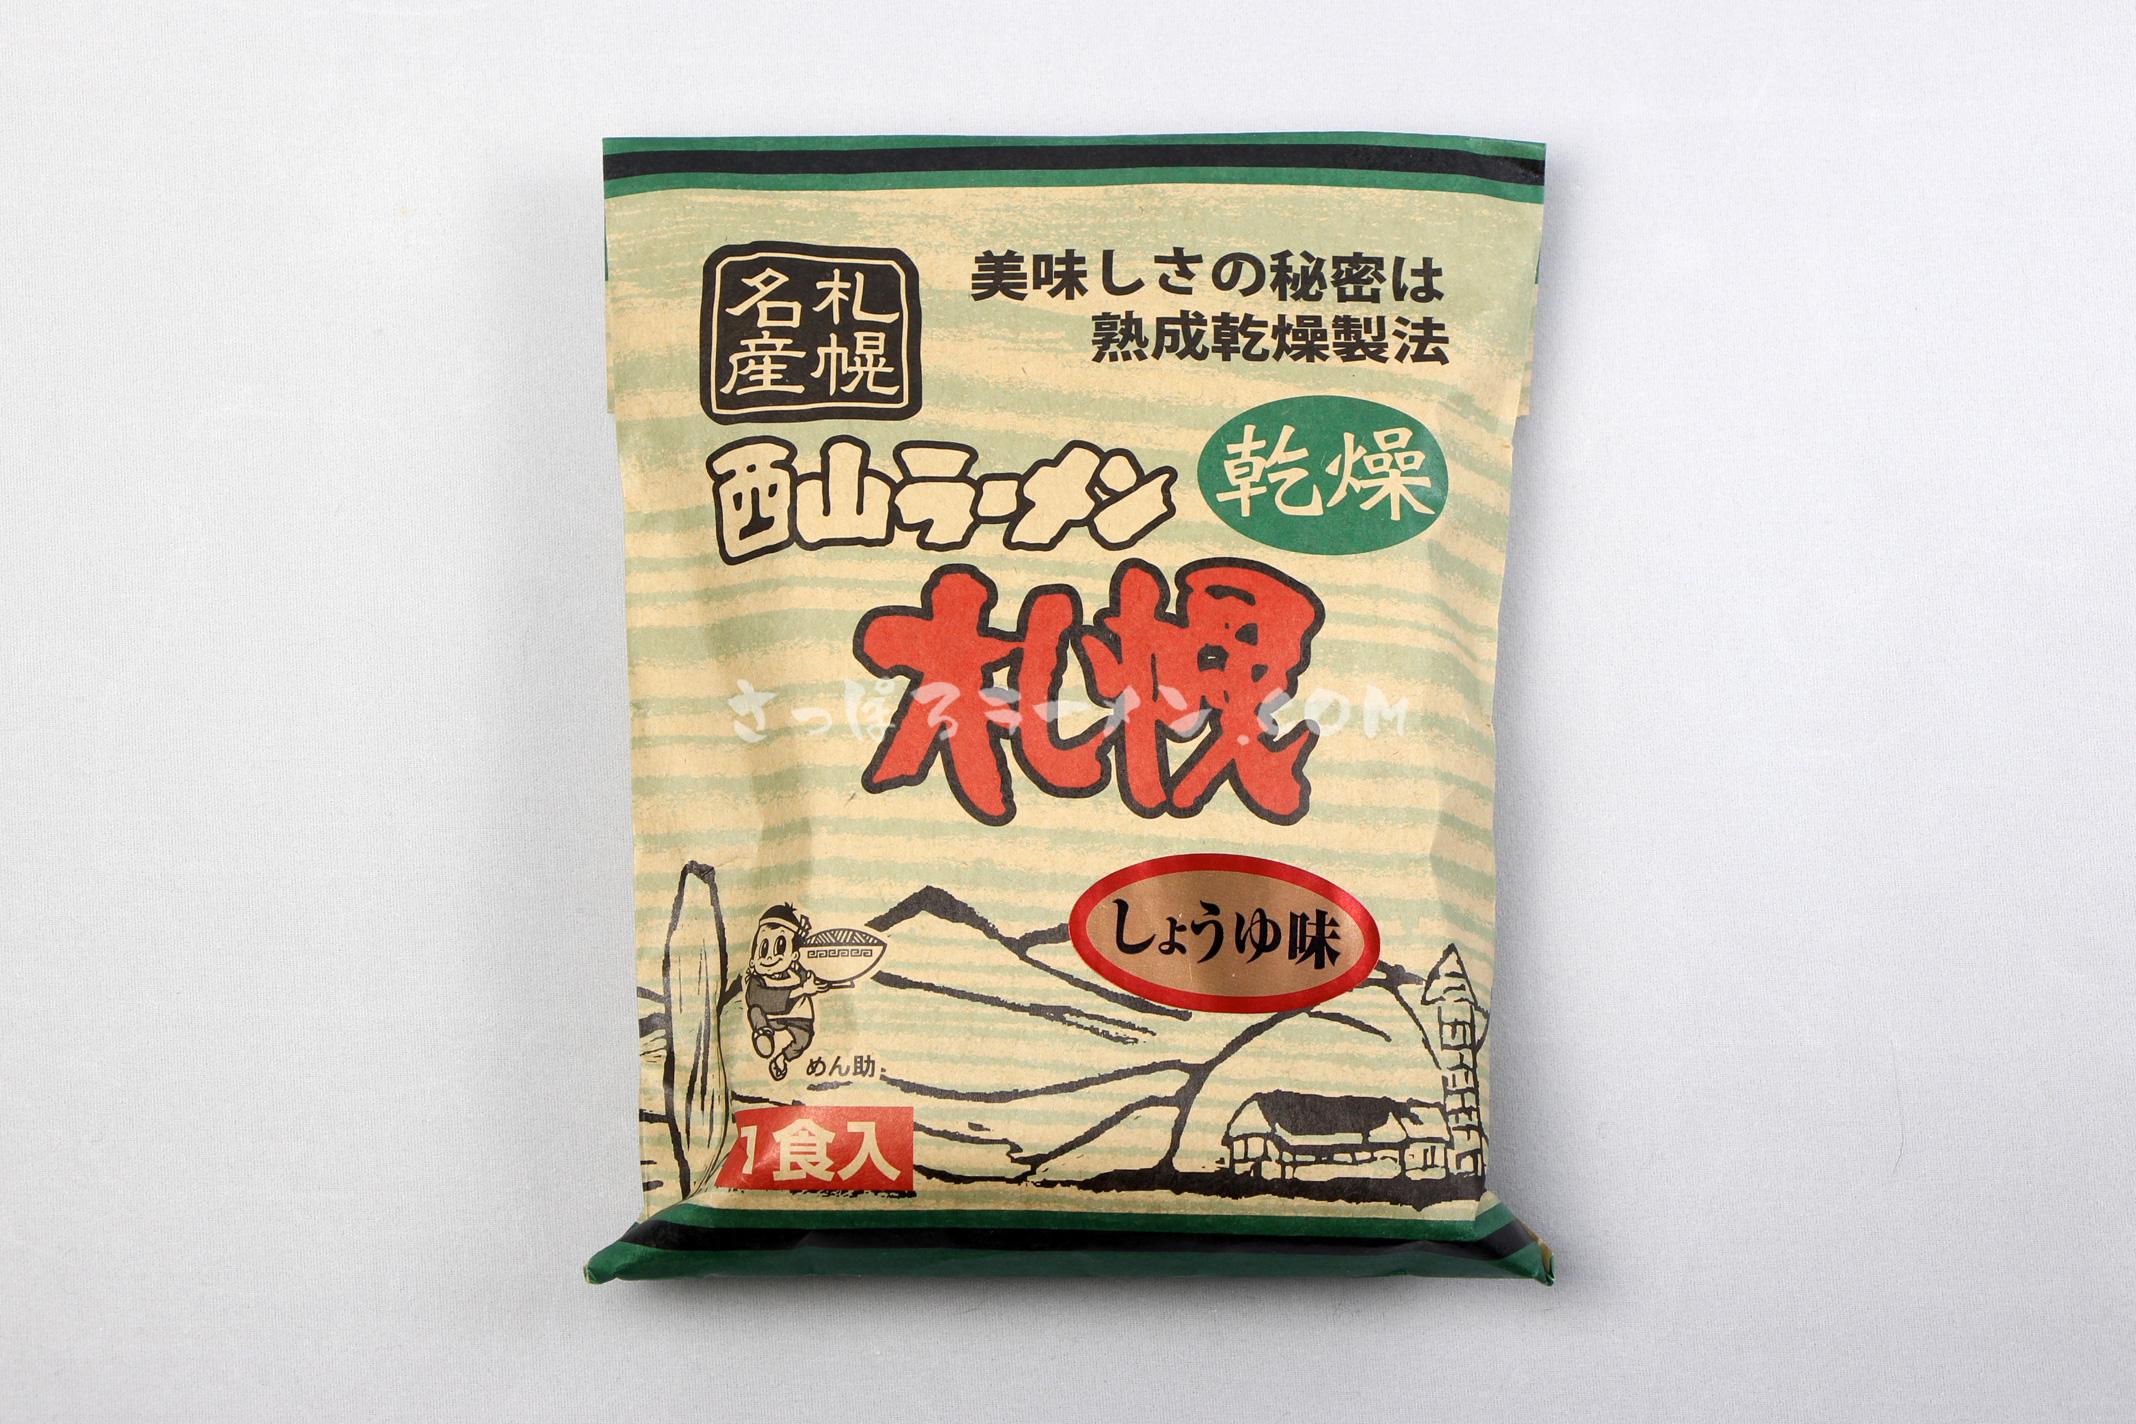 「札幌名産 西山ラーメン 乾燥 札幌 しょうゆ味(1食入)」(西山製麺)のパッケージ(表)